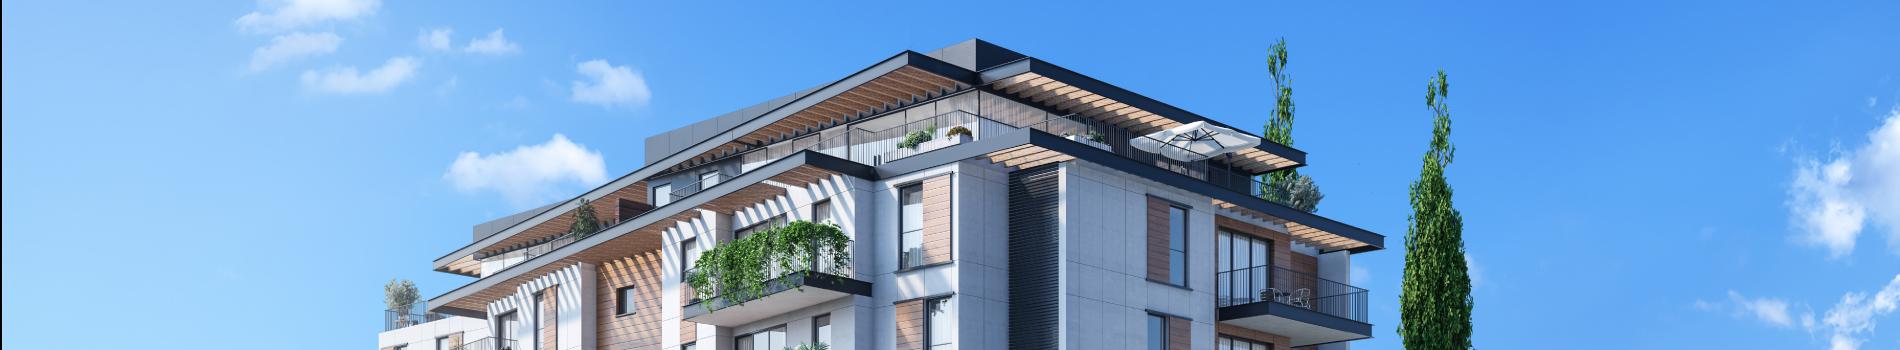 תמונת אווירה- צילום גג בניין